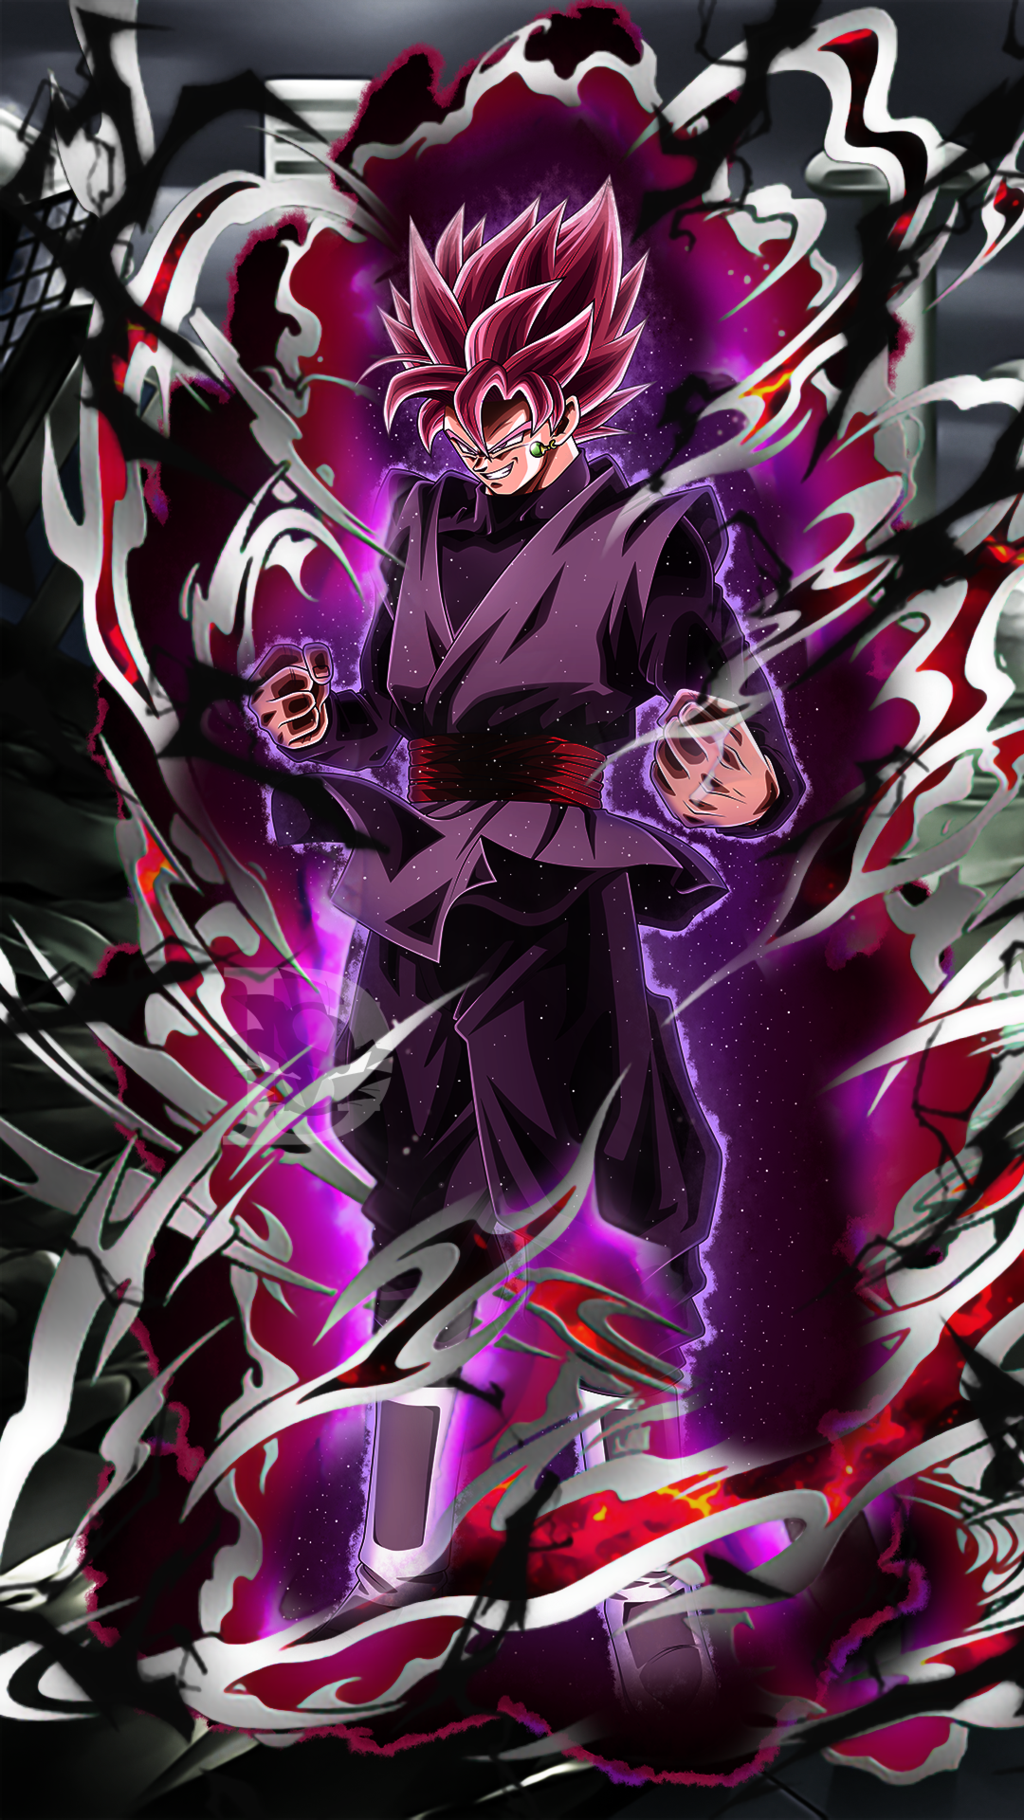 Goku Black Rose Wallpaper Hd 4k Em 2020 Personagens De Anime